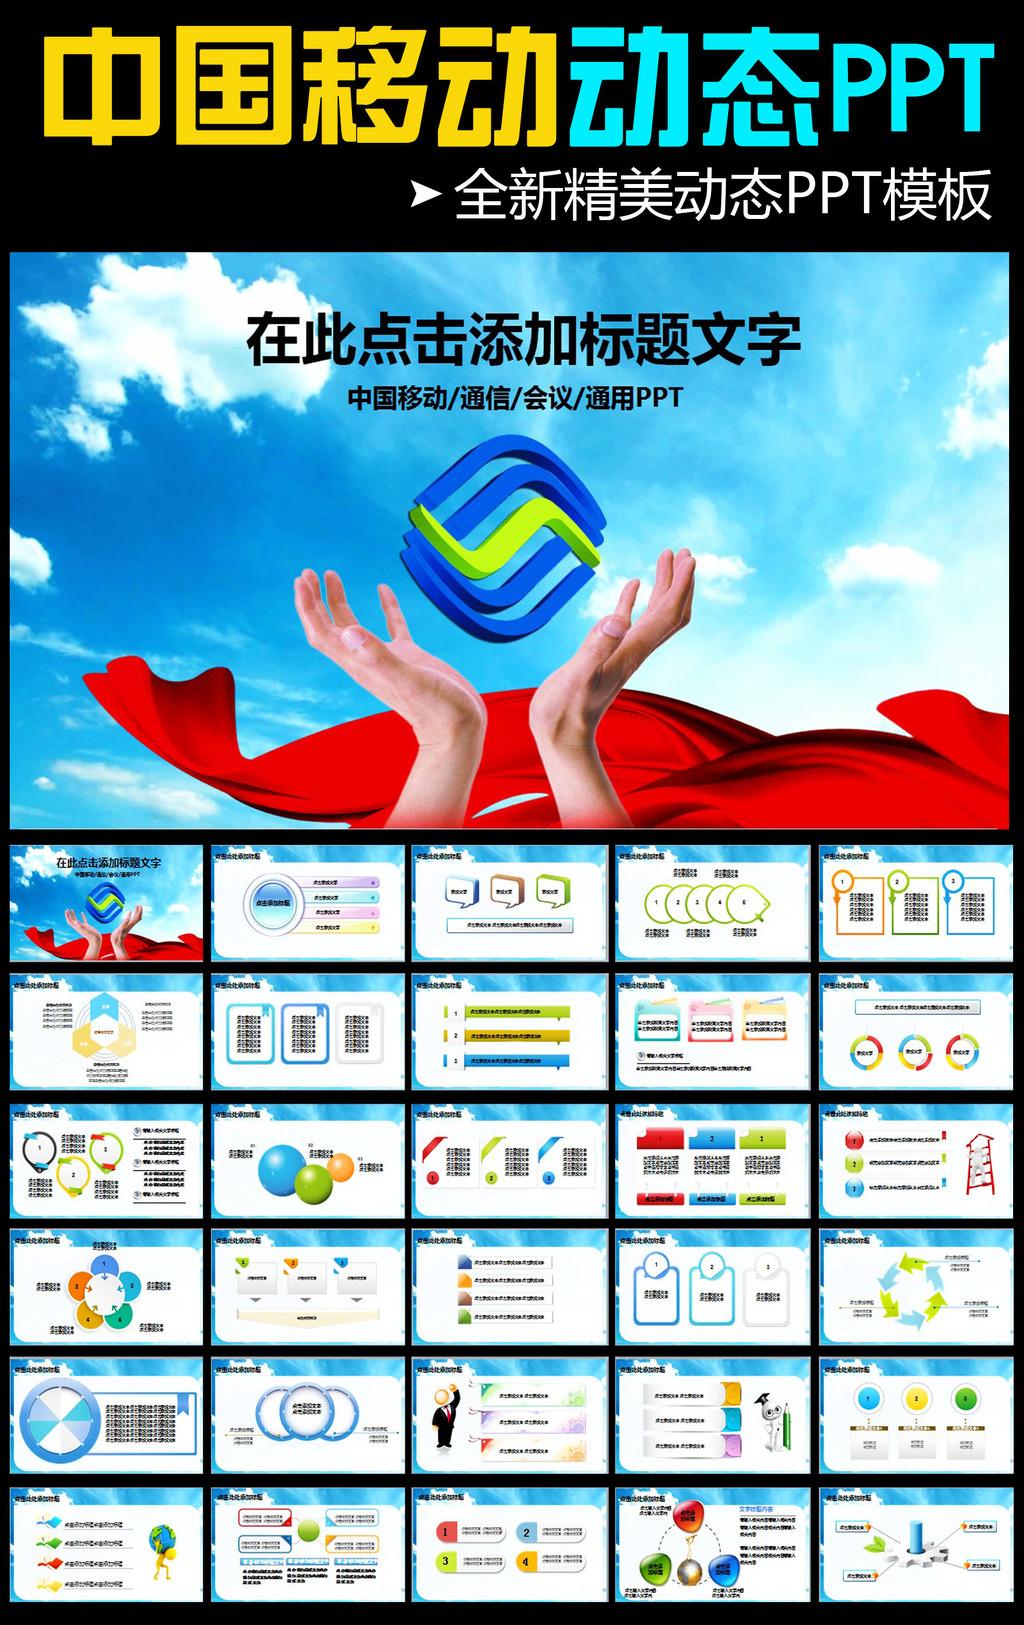 中国移动通信4g网络手机动态ppt模板